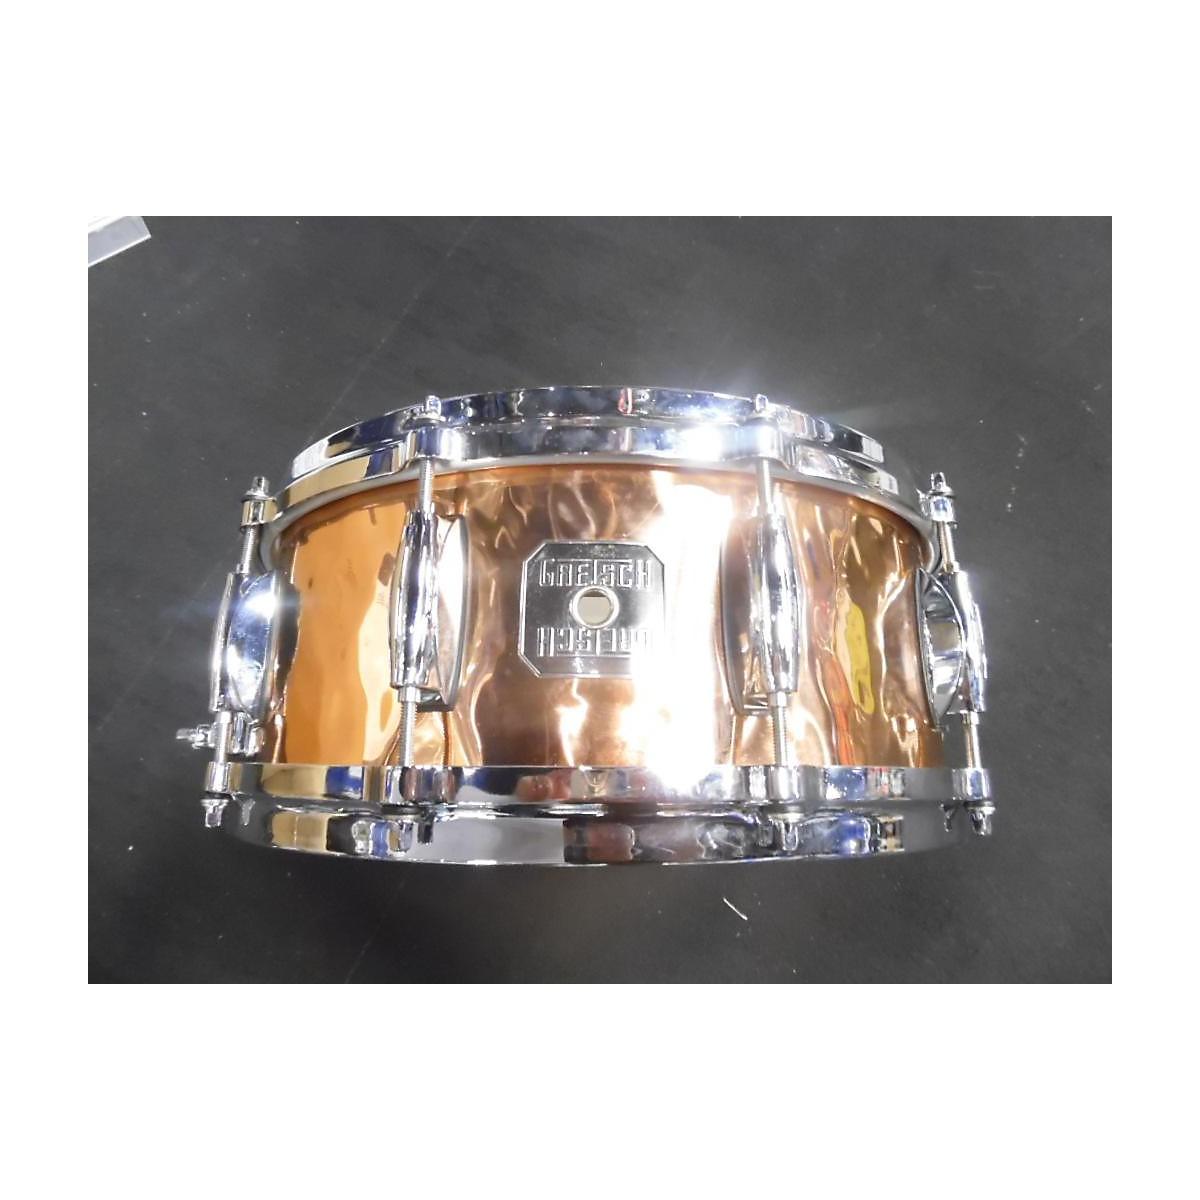 Gretsch Drums 6X14 Hand Hammered Copper Snare Drum